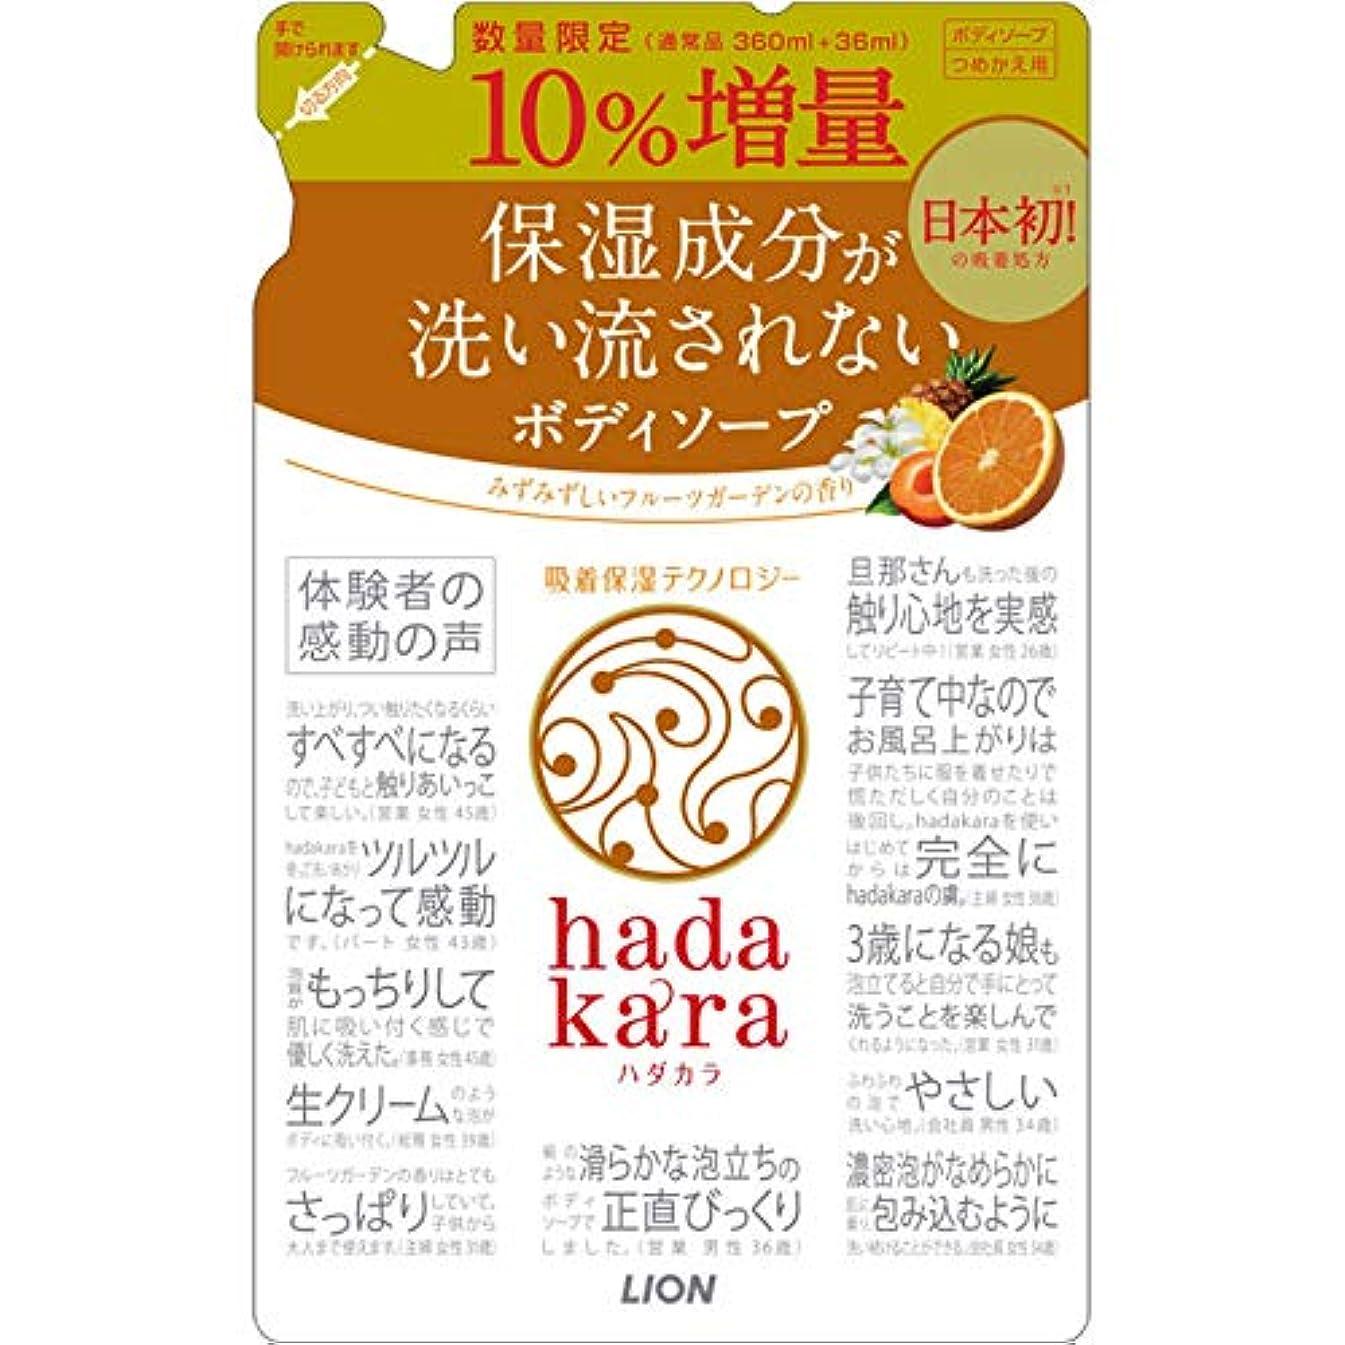 キャップみなさん教義【数量限定】hadakara(ハダカラ) ボディソープ フルーツガーデンの香り つめかえ用 10%増量 396ml